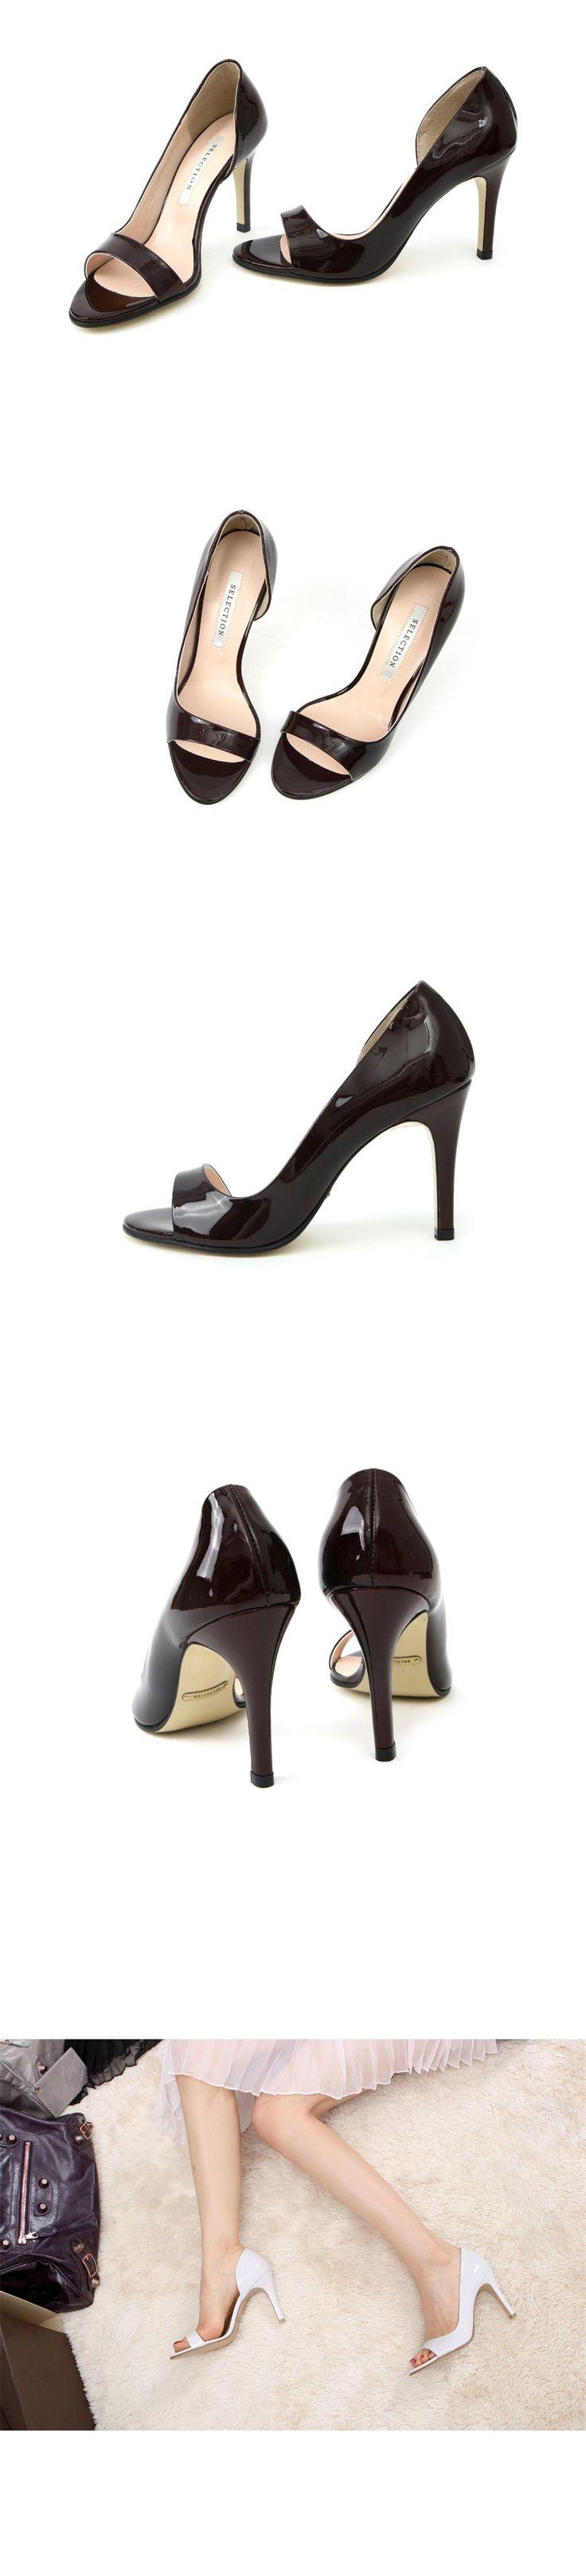 Весна 2014 новая мода на высоких каблуках лакированных сандалии голова рыбы полый римского стиля минимализма обувь удобная обувь - Taobao